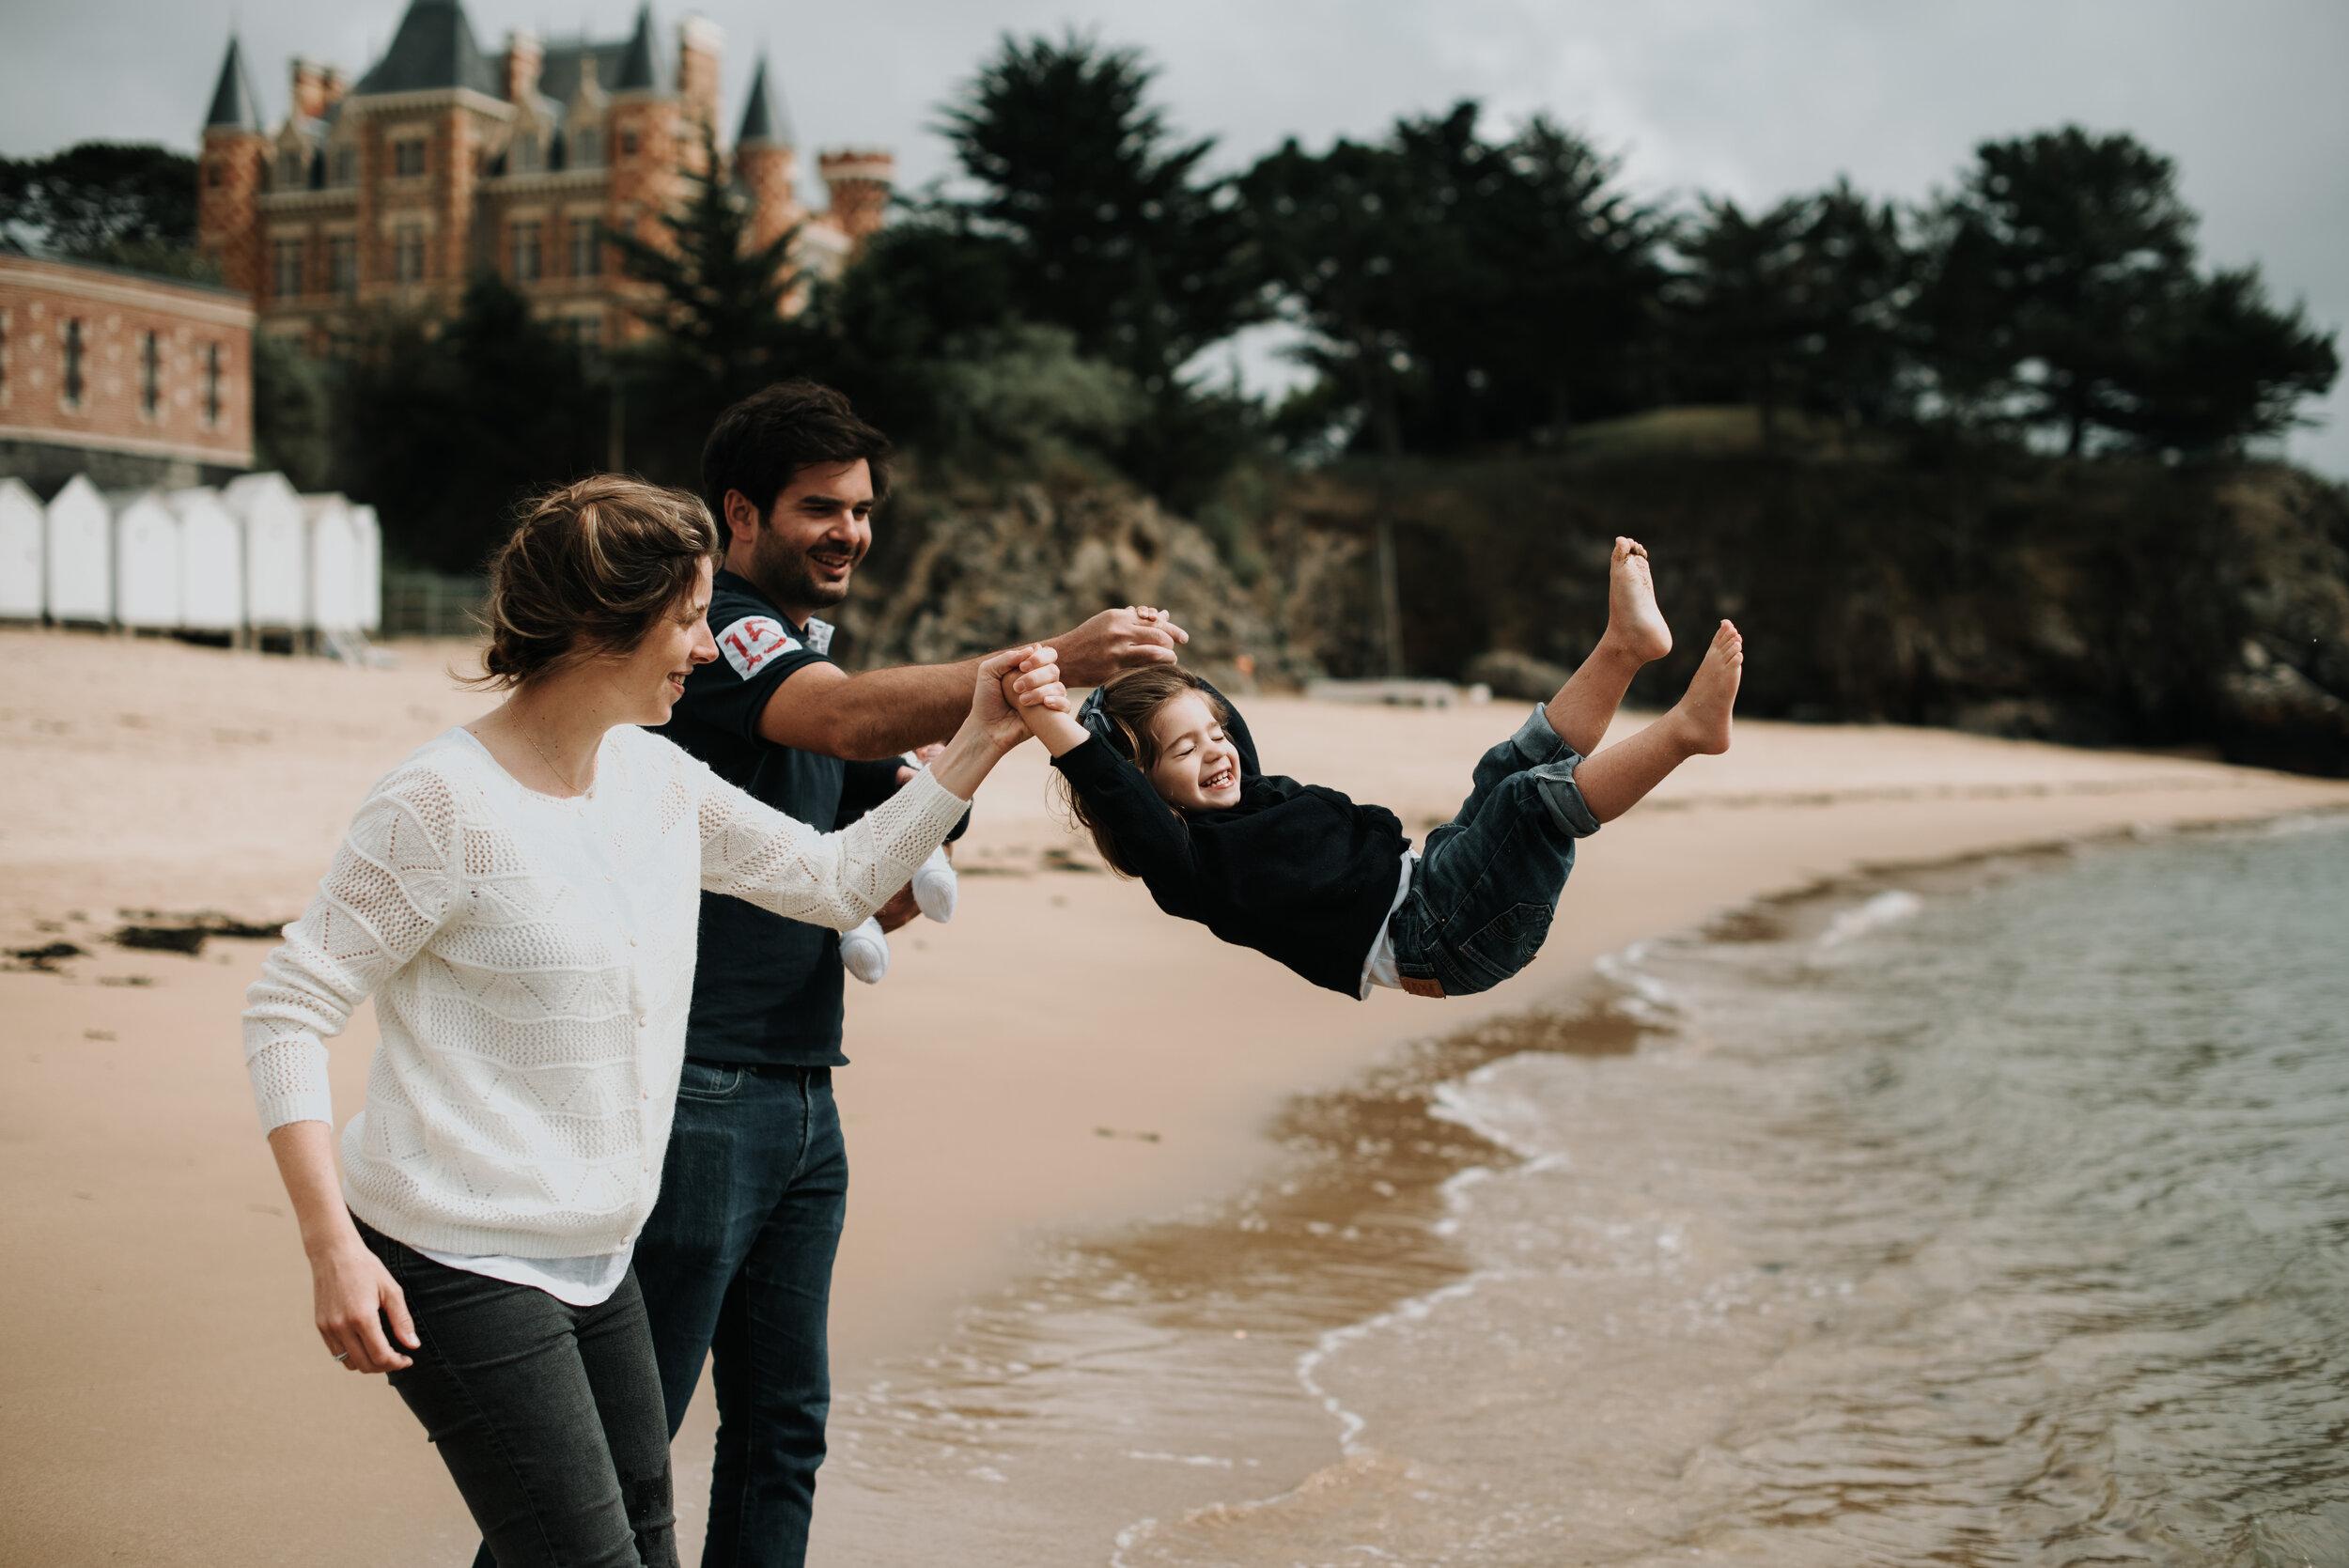 Léa-Fery-photographe-professionnel-Bretagne-portrait-creation-mariage-evenement-evenementiel-famille-3363.jpg